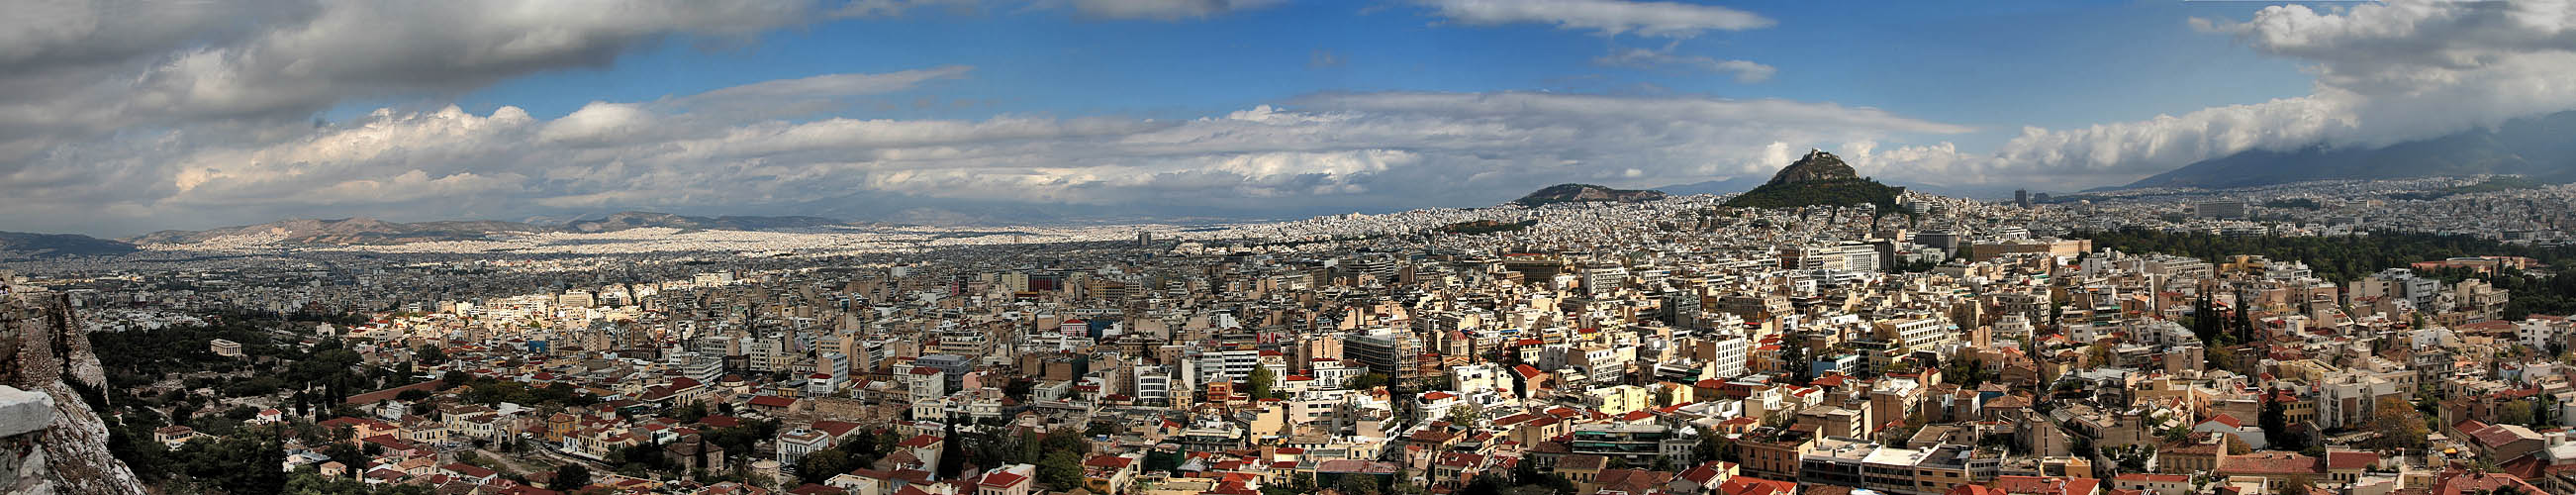 Athen Panorama 1